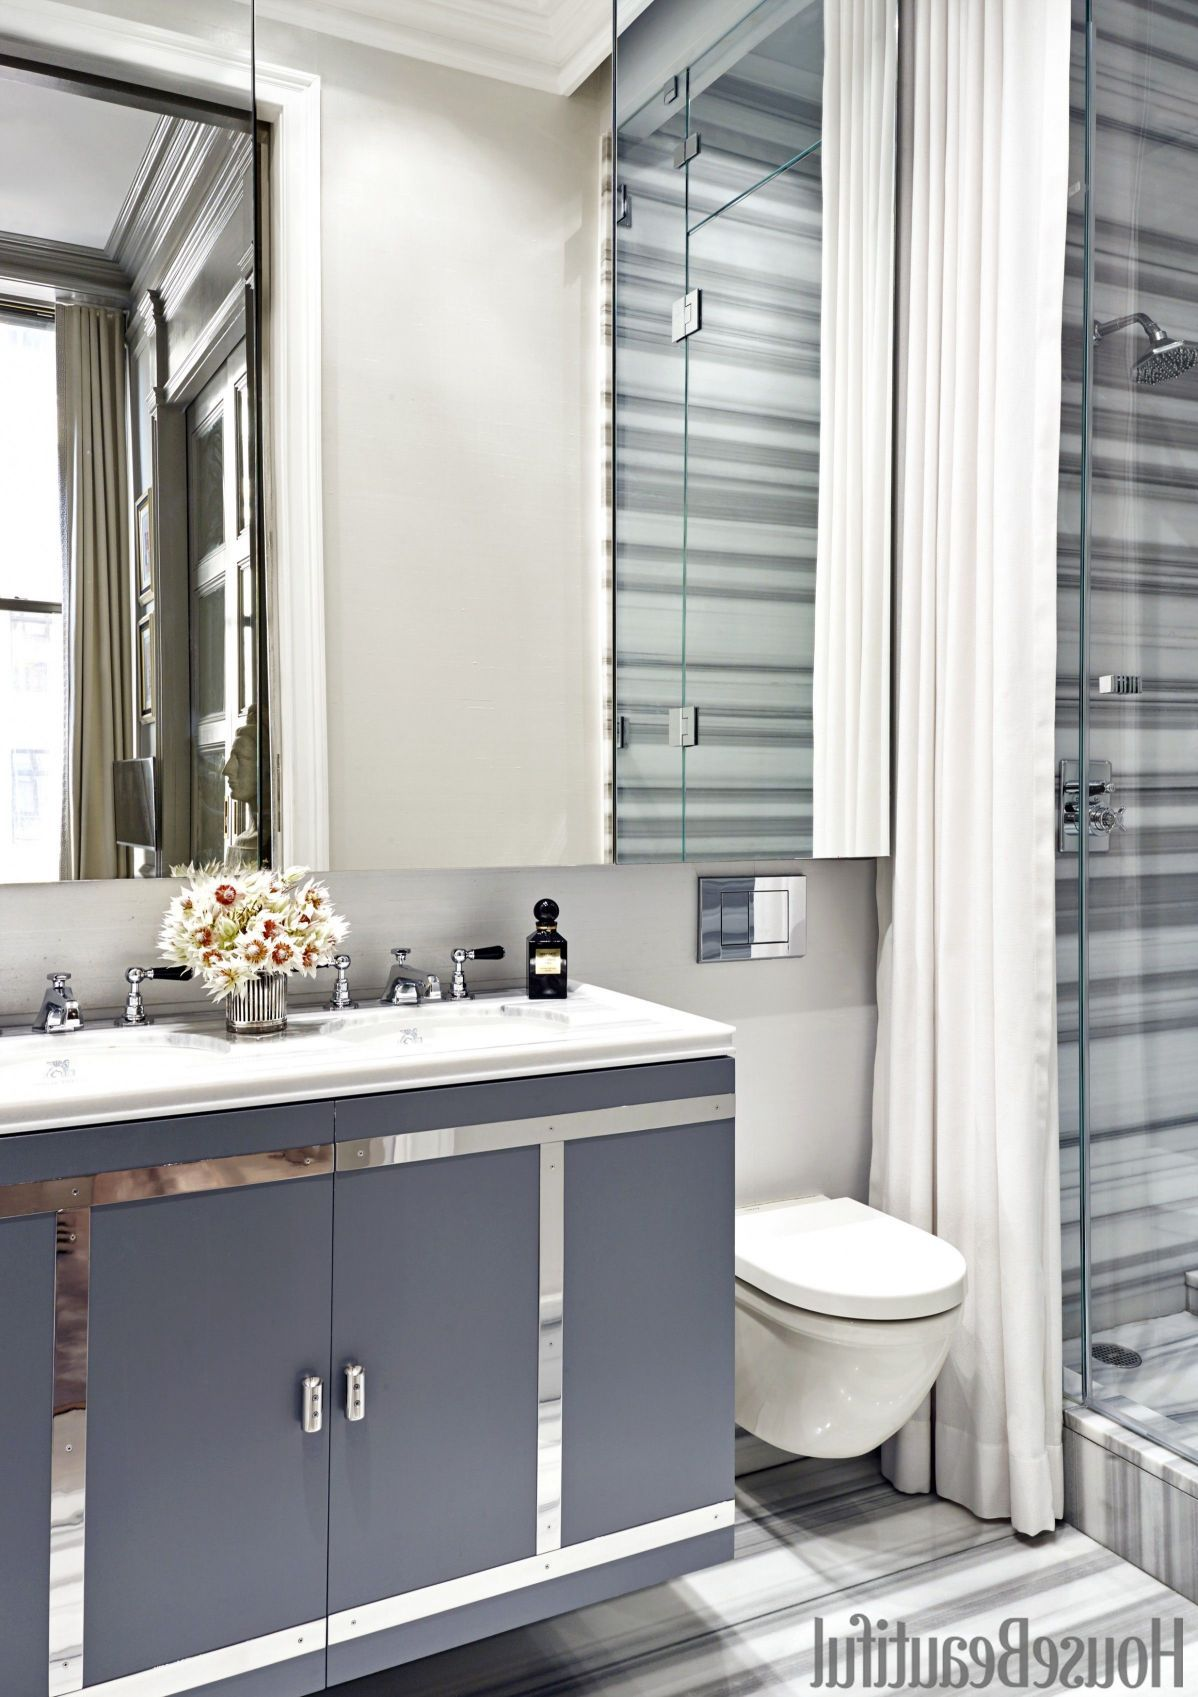 Best Möbel Für Kleine Badezimmer Images - Erstaunliche Ideen ...